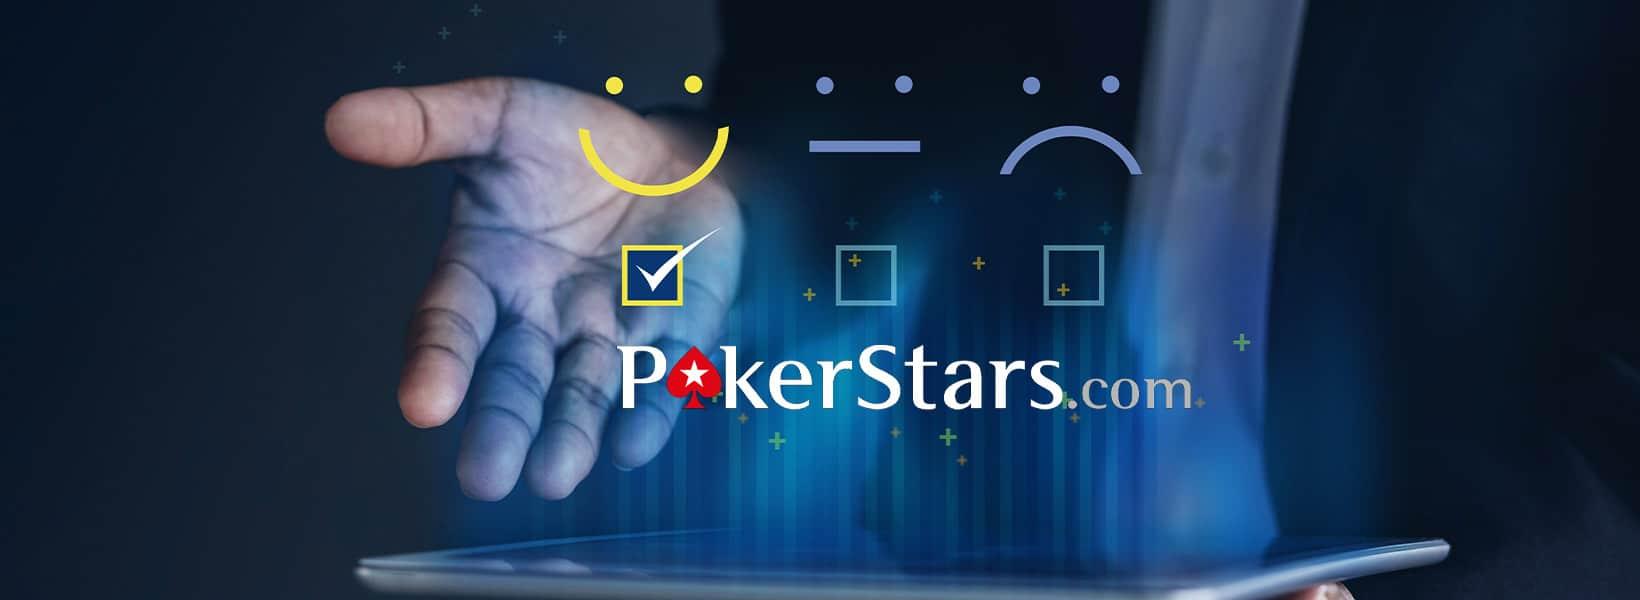 păreri pokerstars